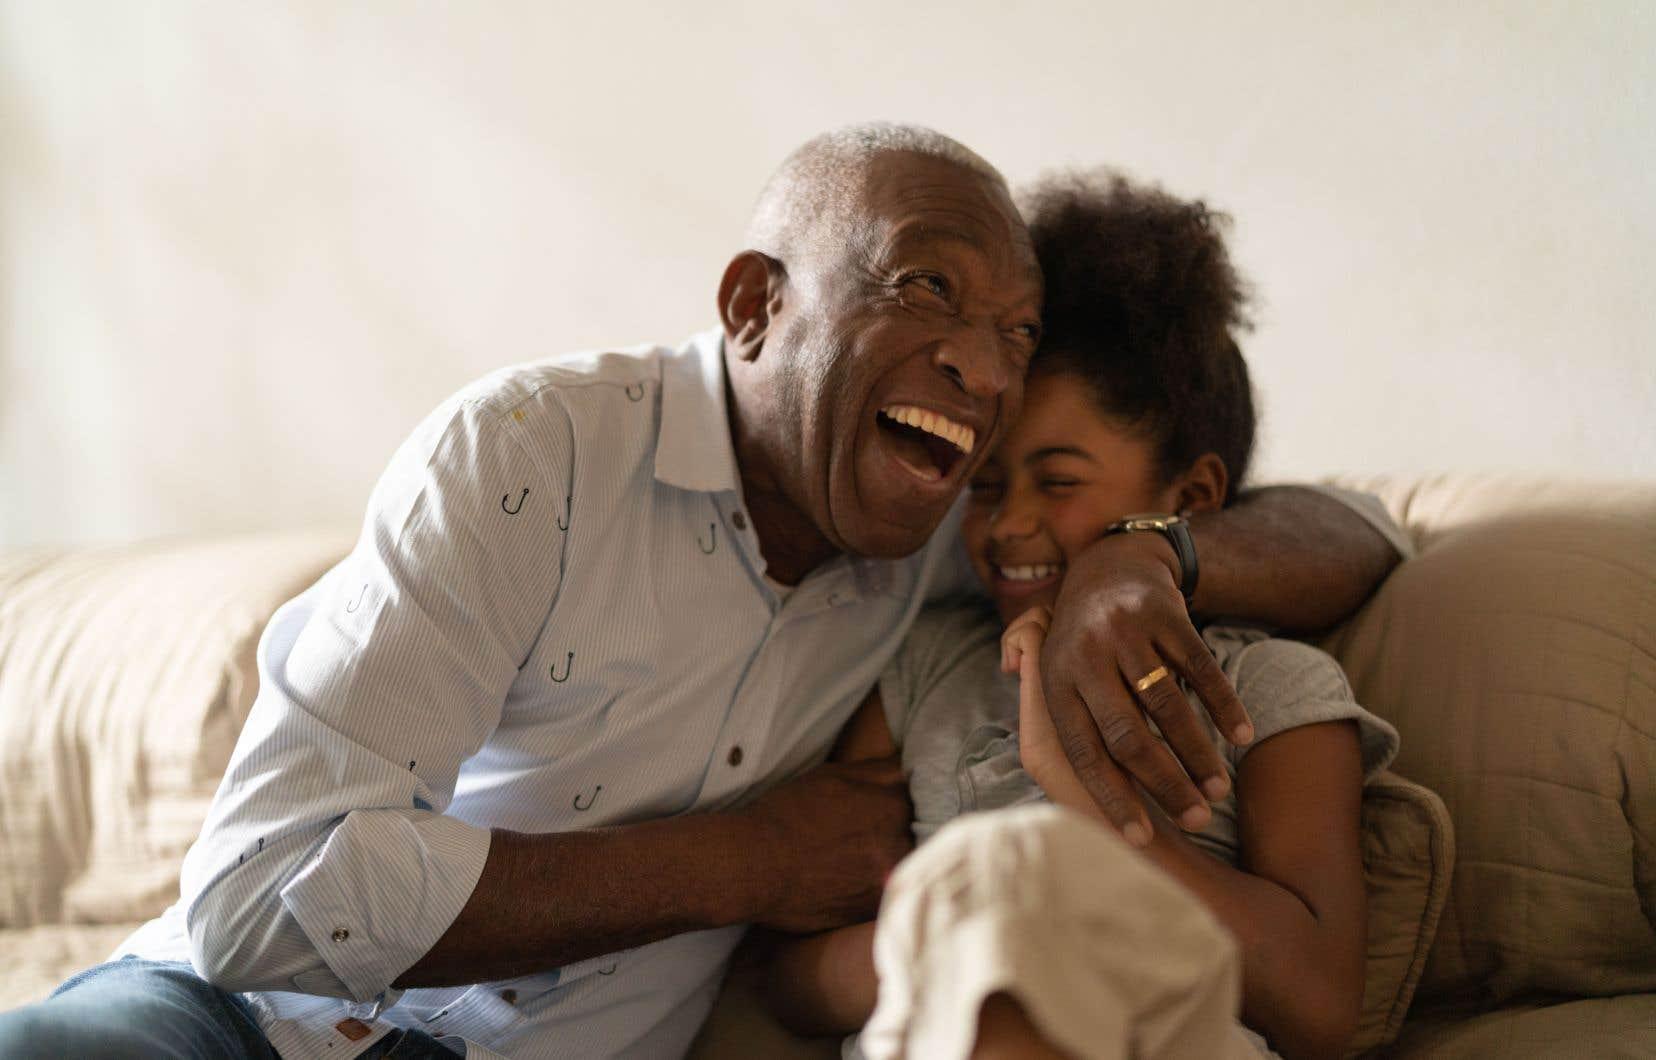 Certains chercheurs avancent que le niveau de bonheur moyen arriverait à son paroxisme à 20ans et à 70ans.